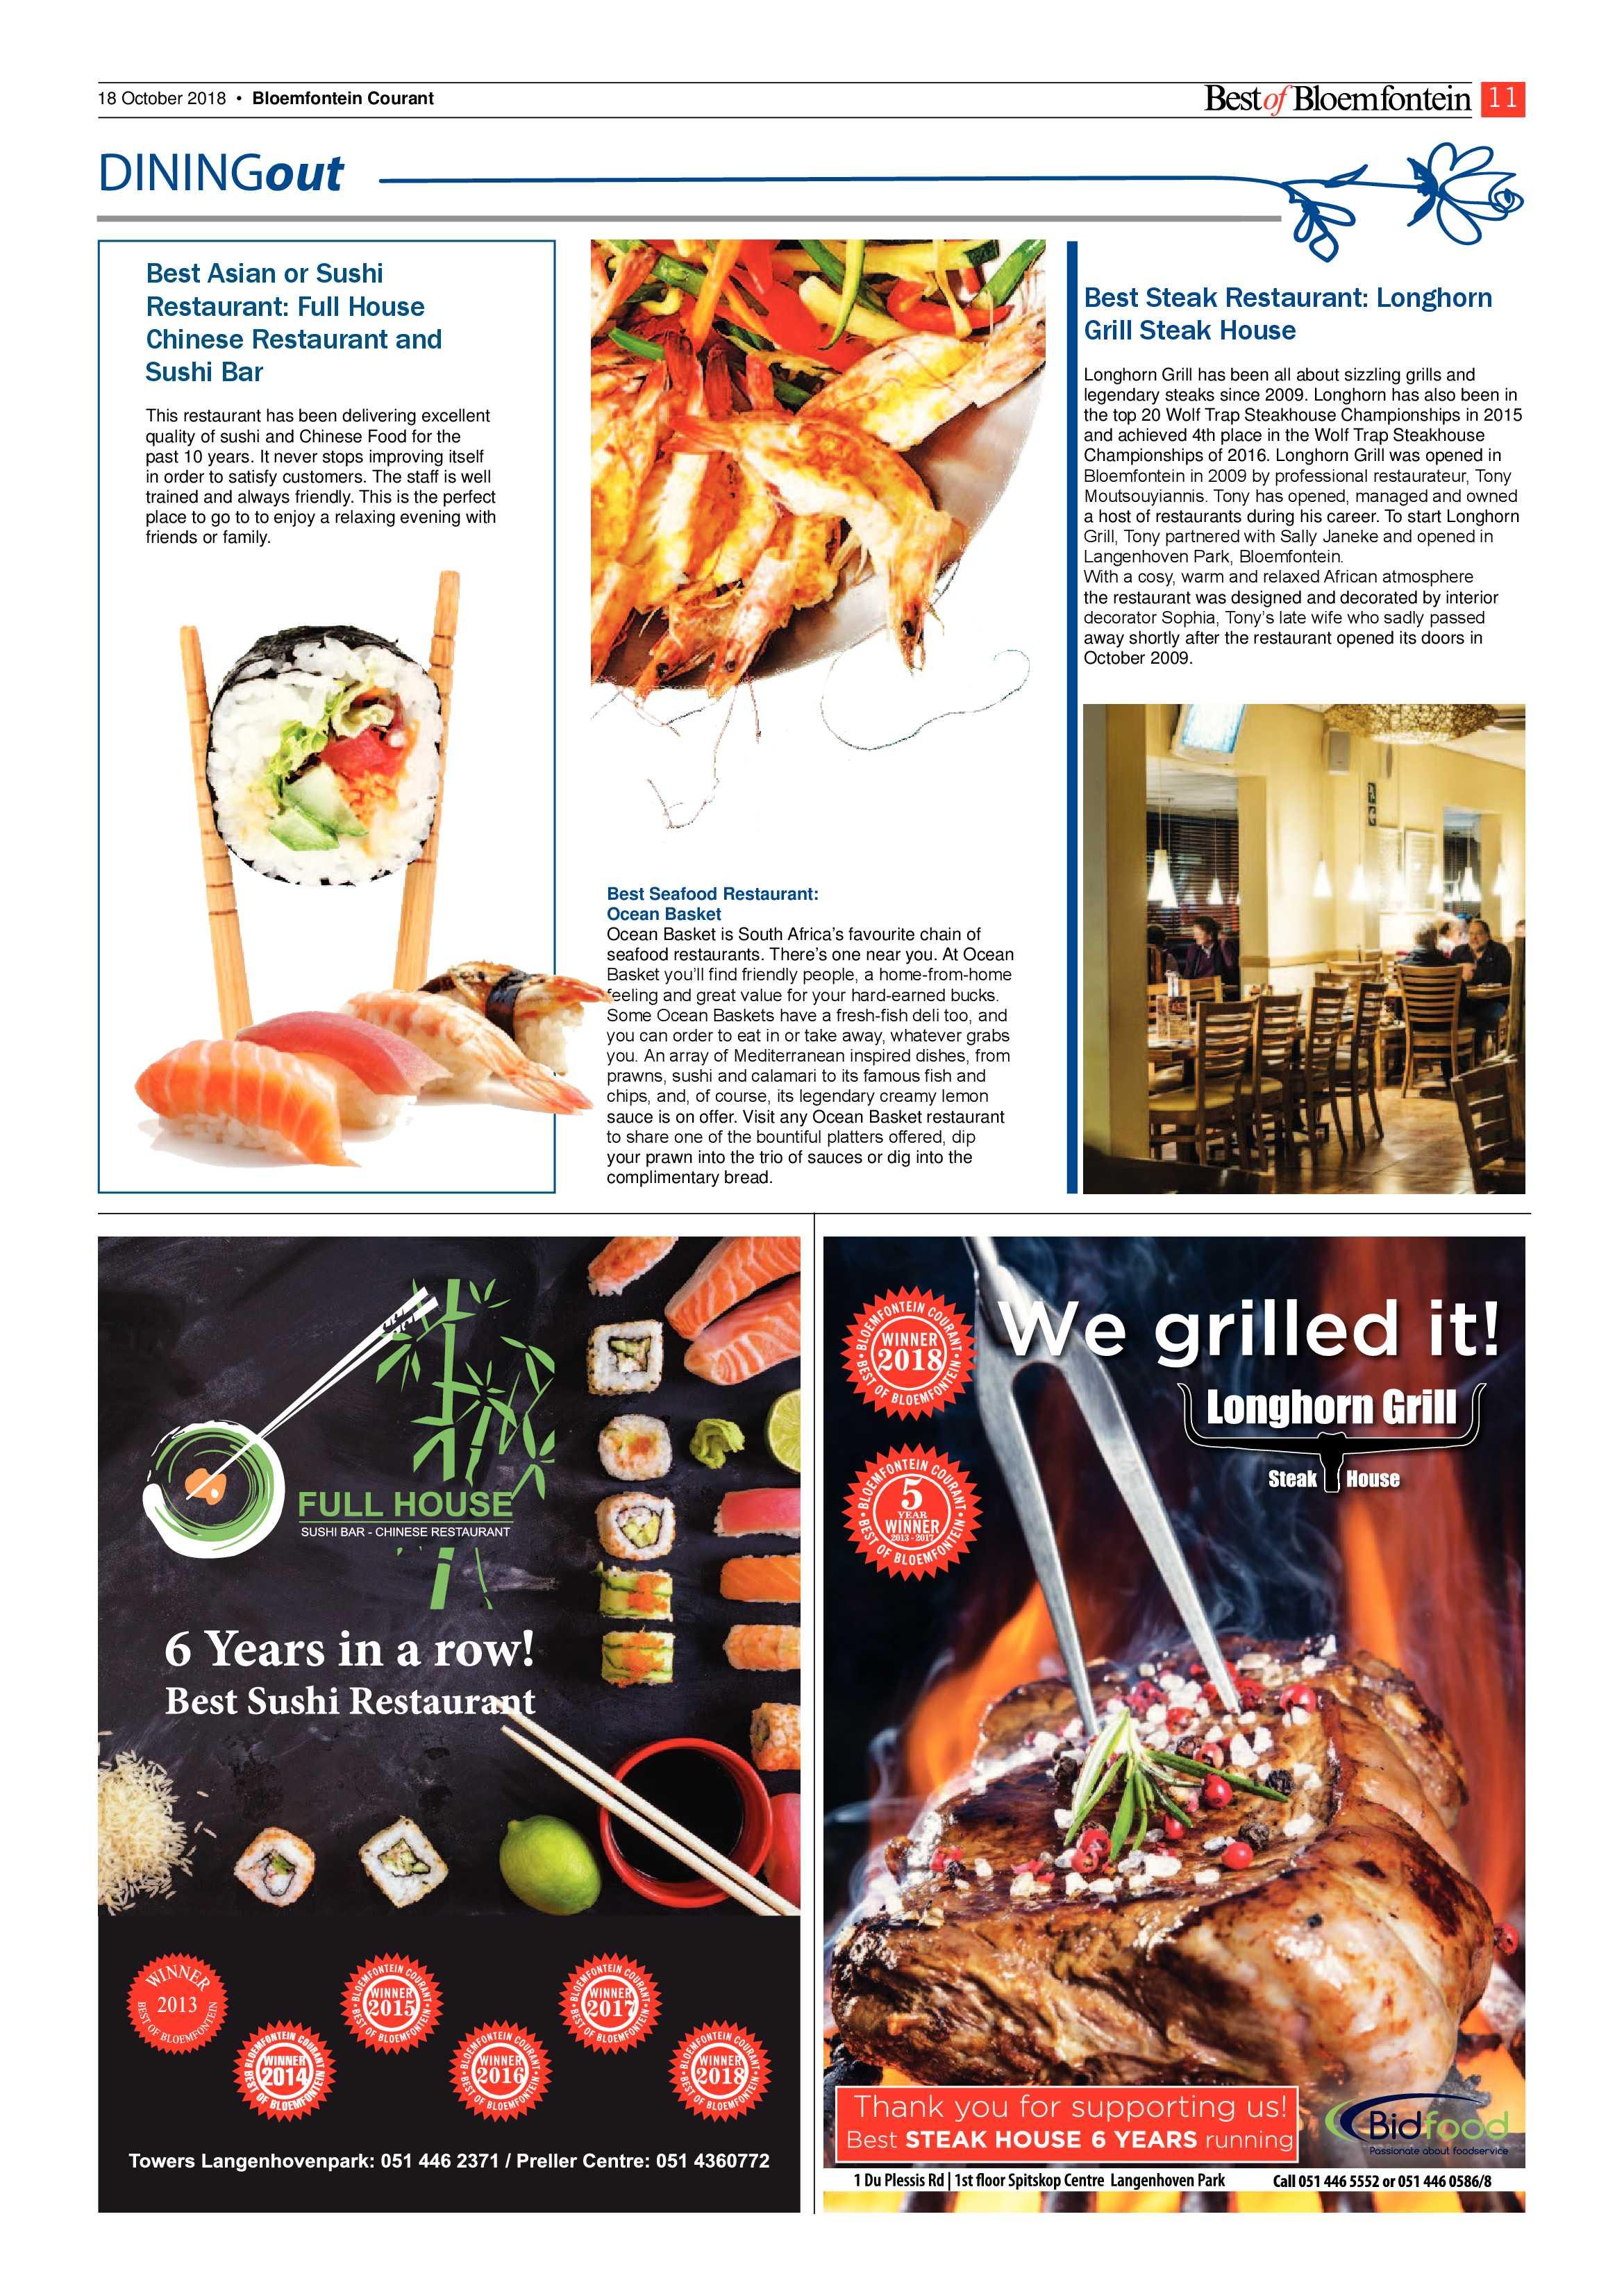 best-of-bloemfontein-2018-epapers-page-11